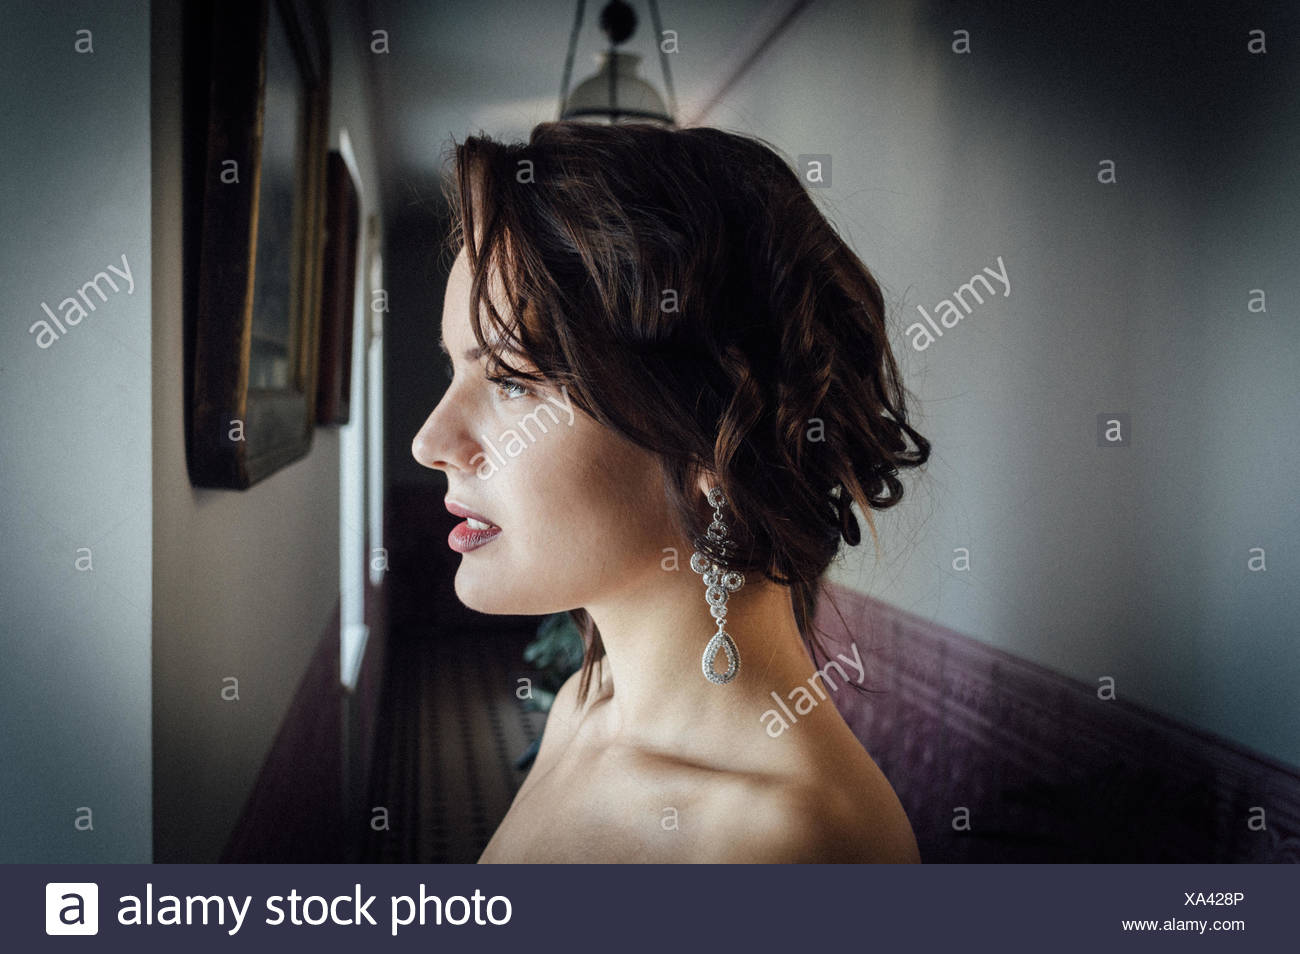 Vista di profilo di pensosa bella donna nel corridoio Immagini Stock